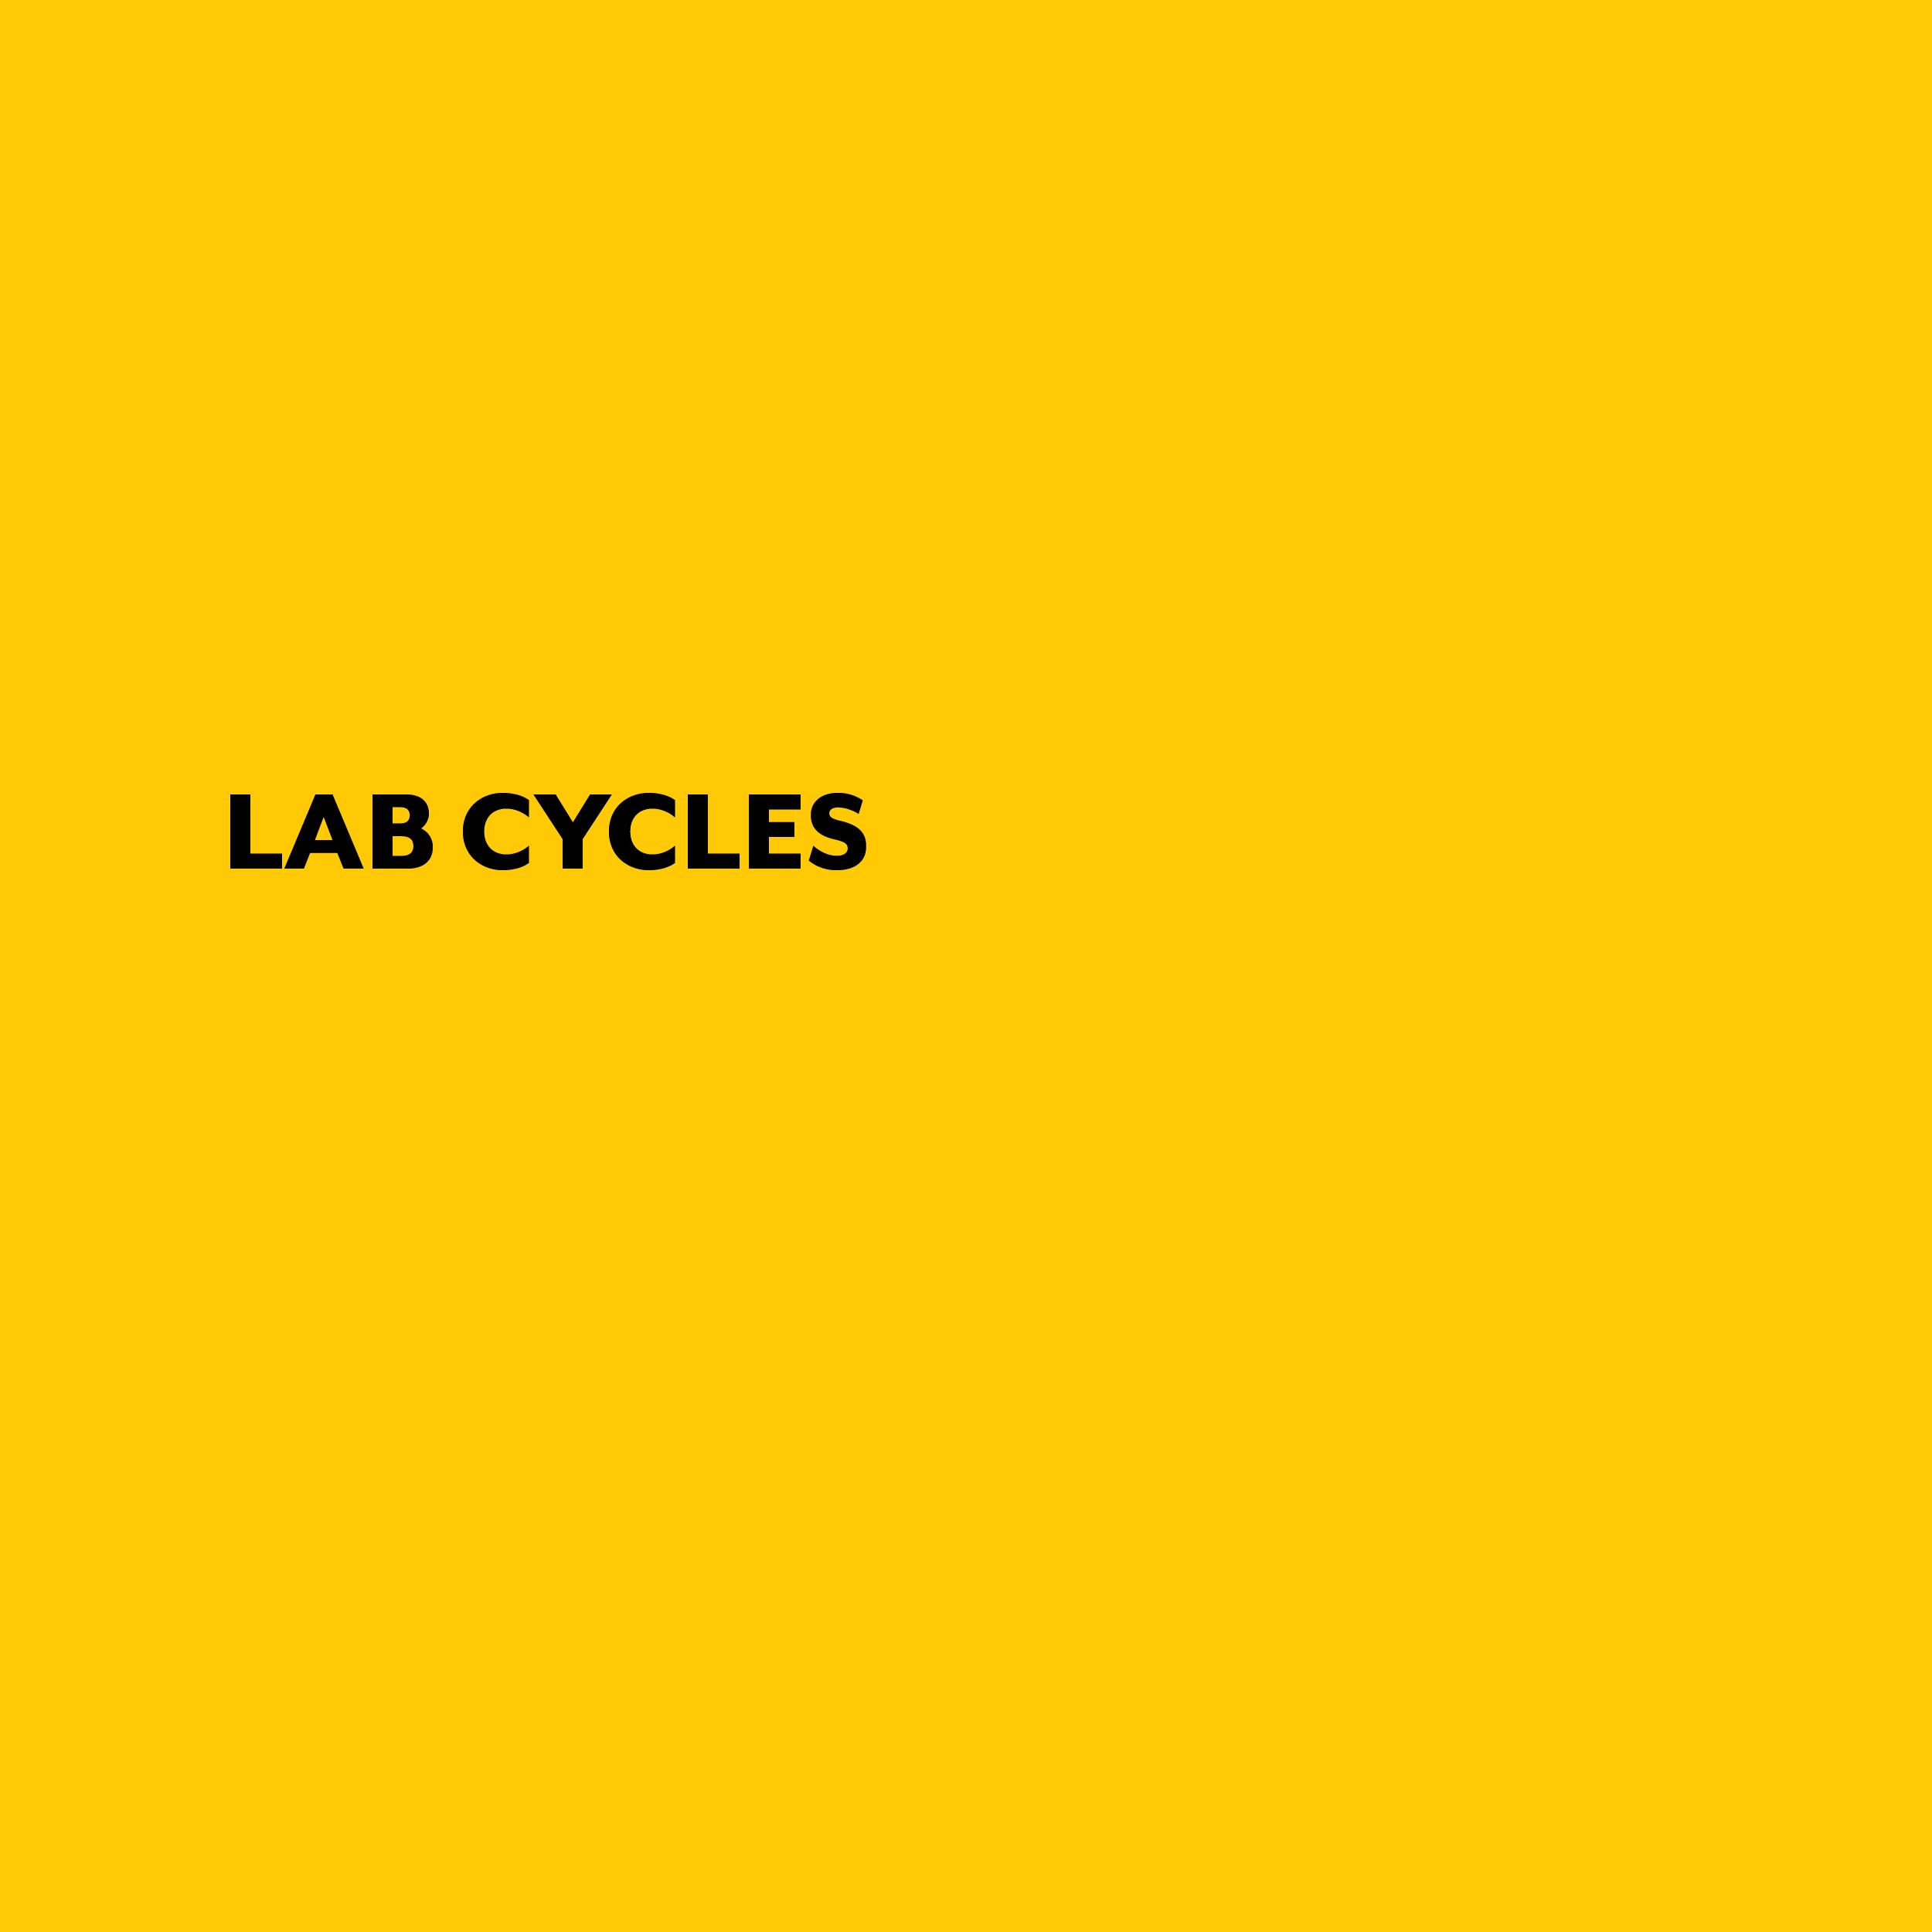 LAB CYCLES.jpg